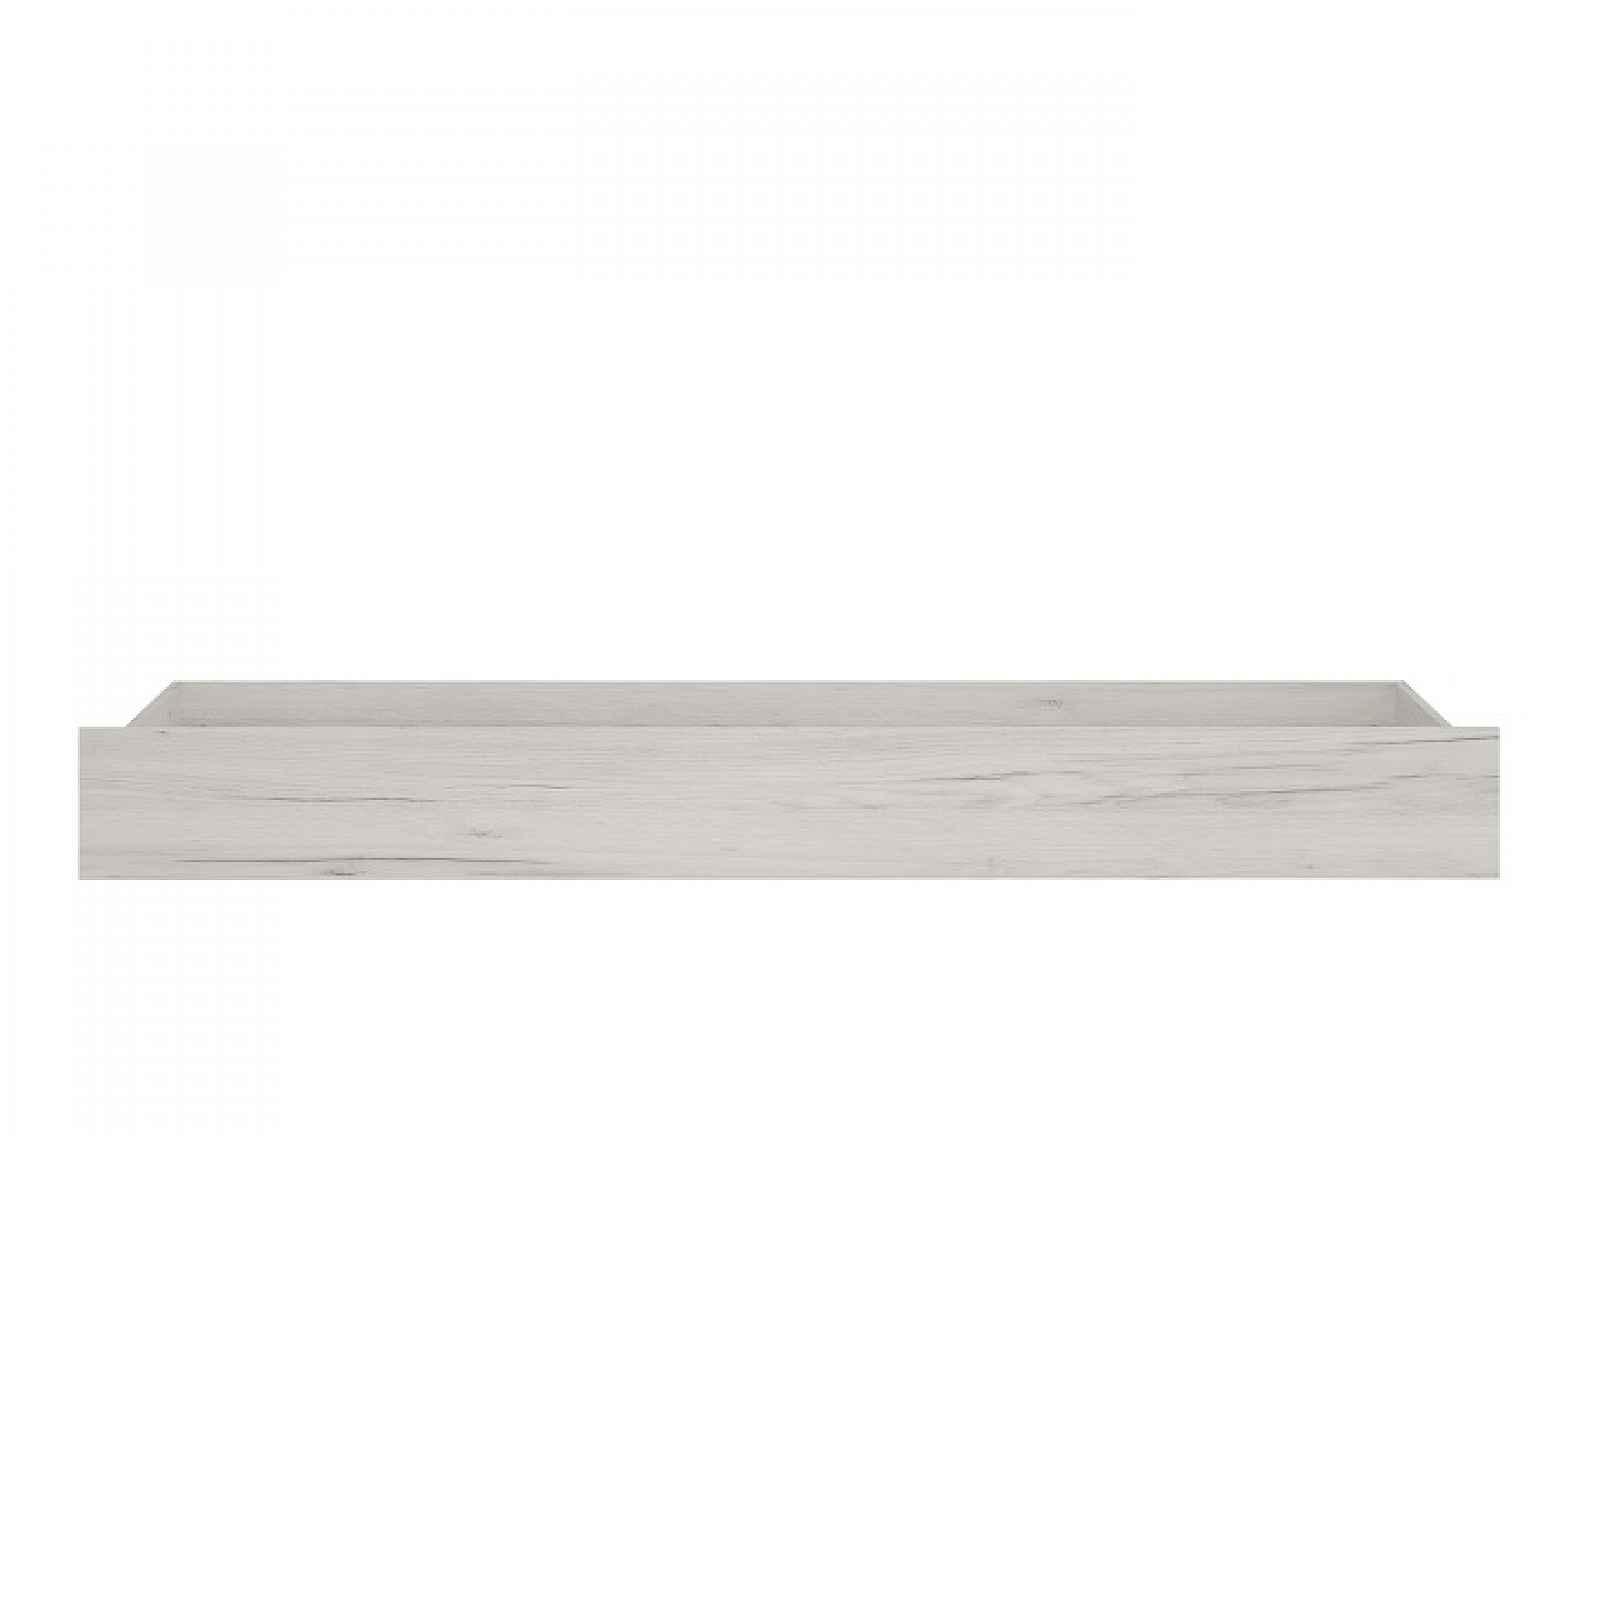 Úložný prostor pod postel Typ 96, bílá craft, ANGEL 0000194426 Tempo Kondela